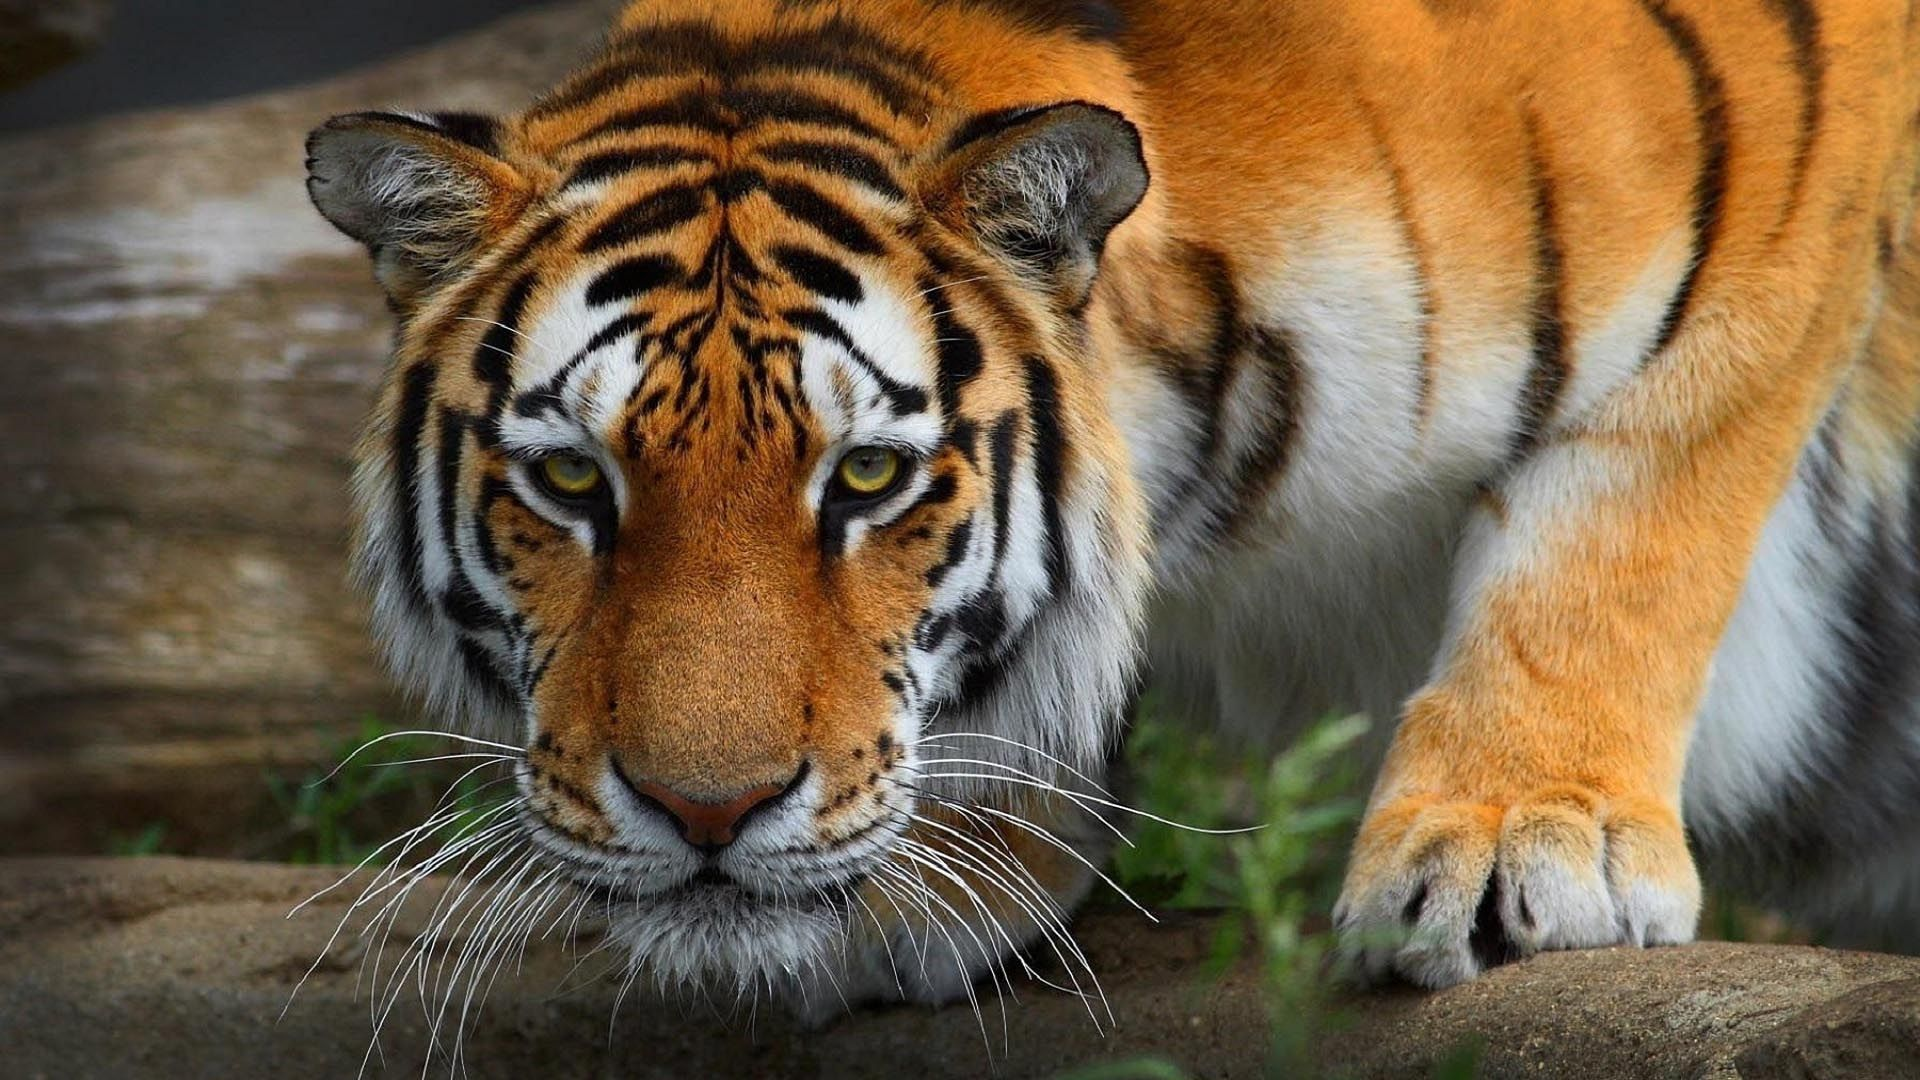 Desktop Hd Tiger Attack Pics 3d Hd Wallpaper Pinterest Animals